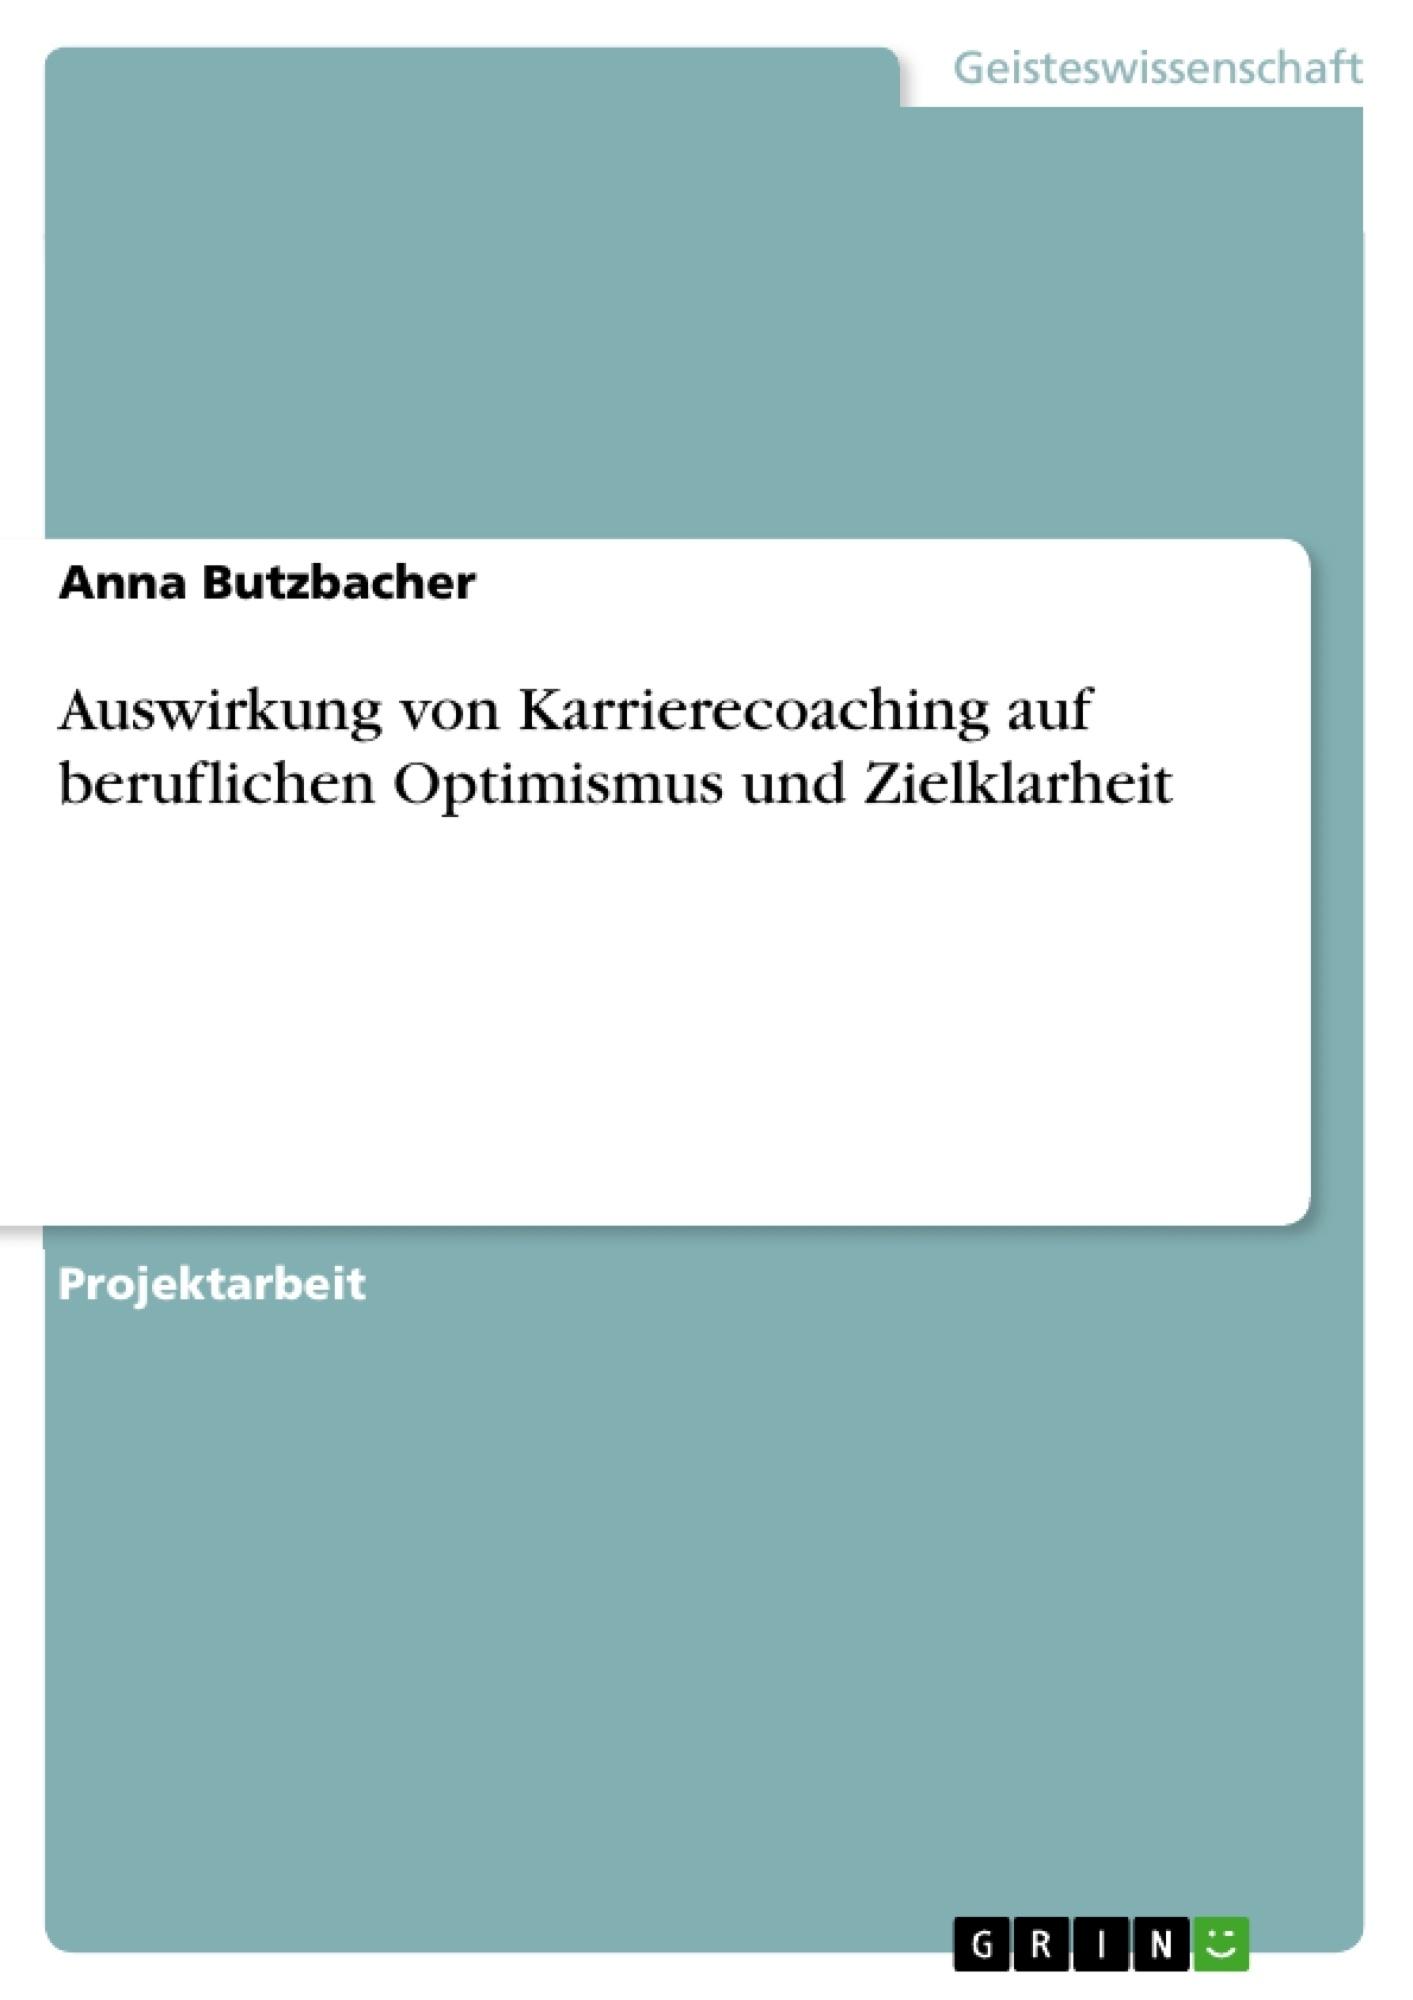 Titel: Auswirkung von Karrierecoaching auf beruflichen Optimismus und Zielklarheit